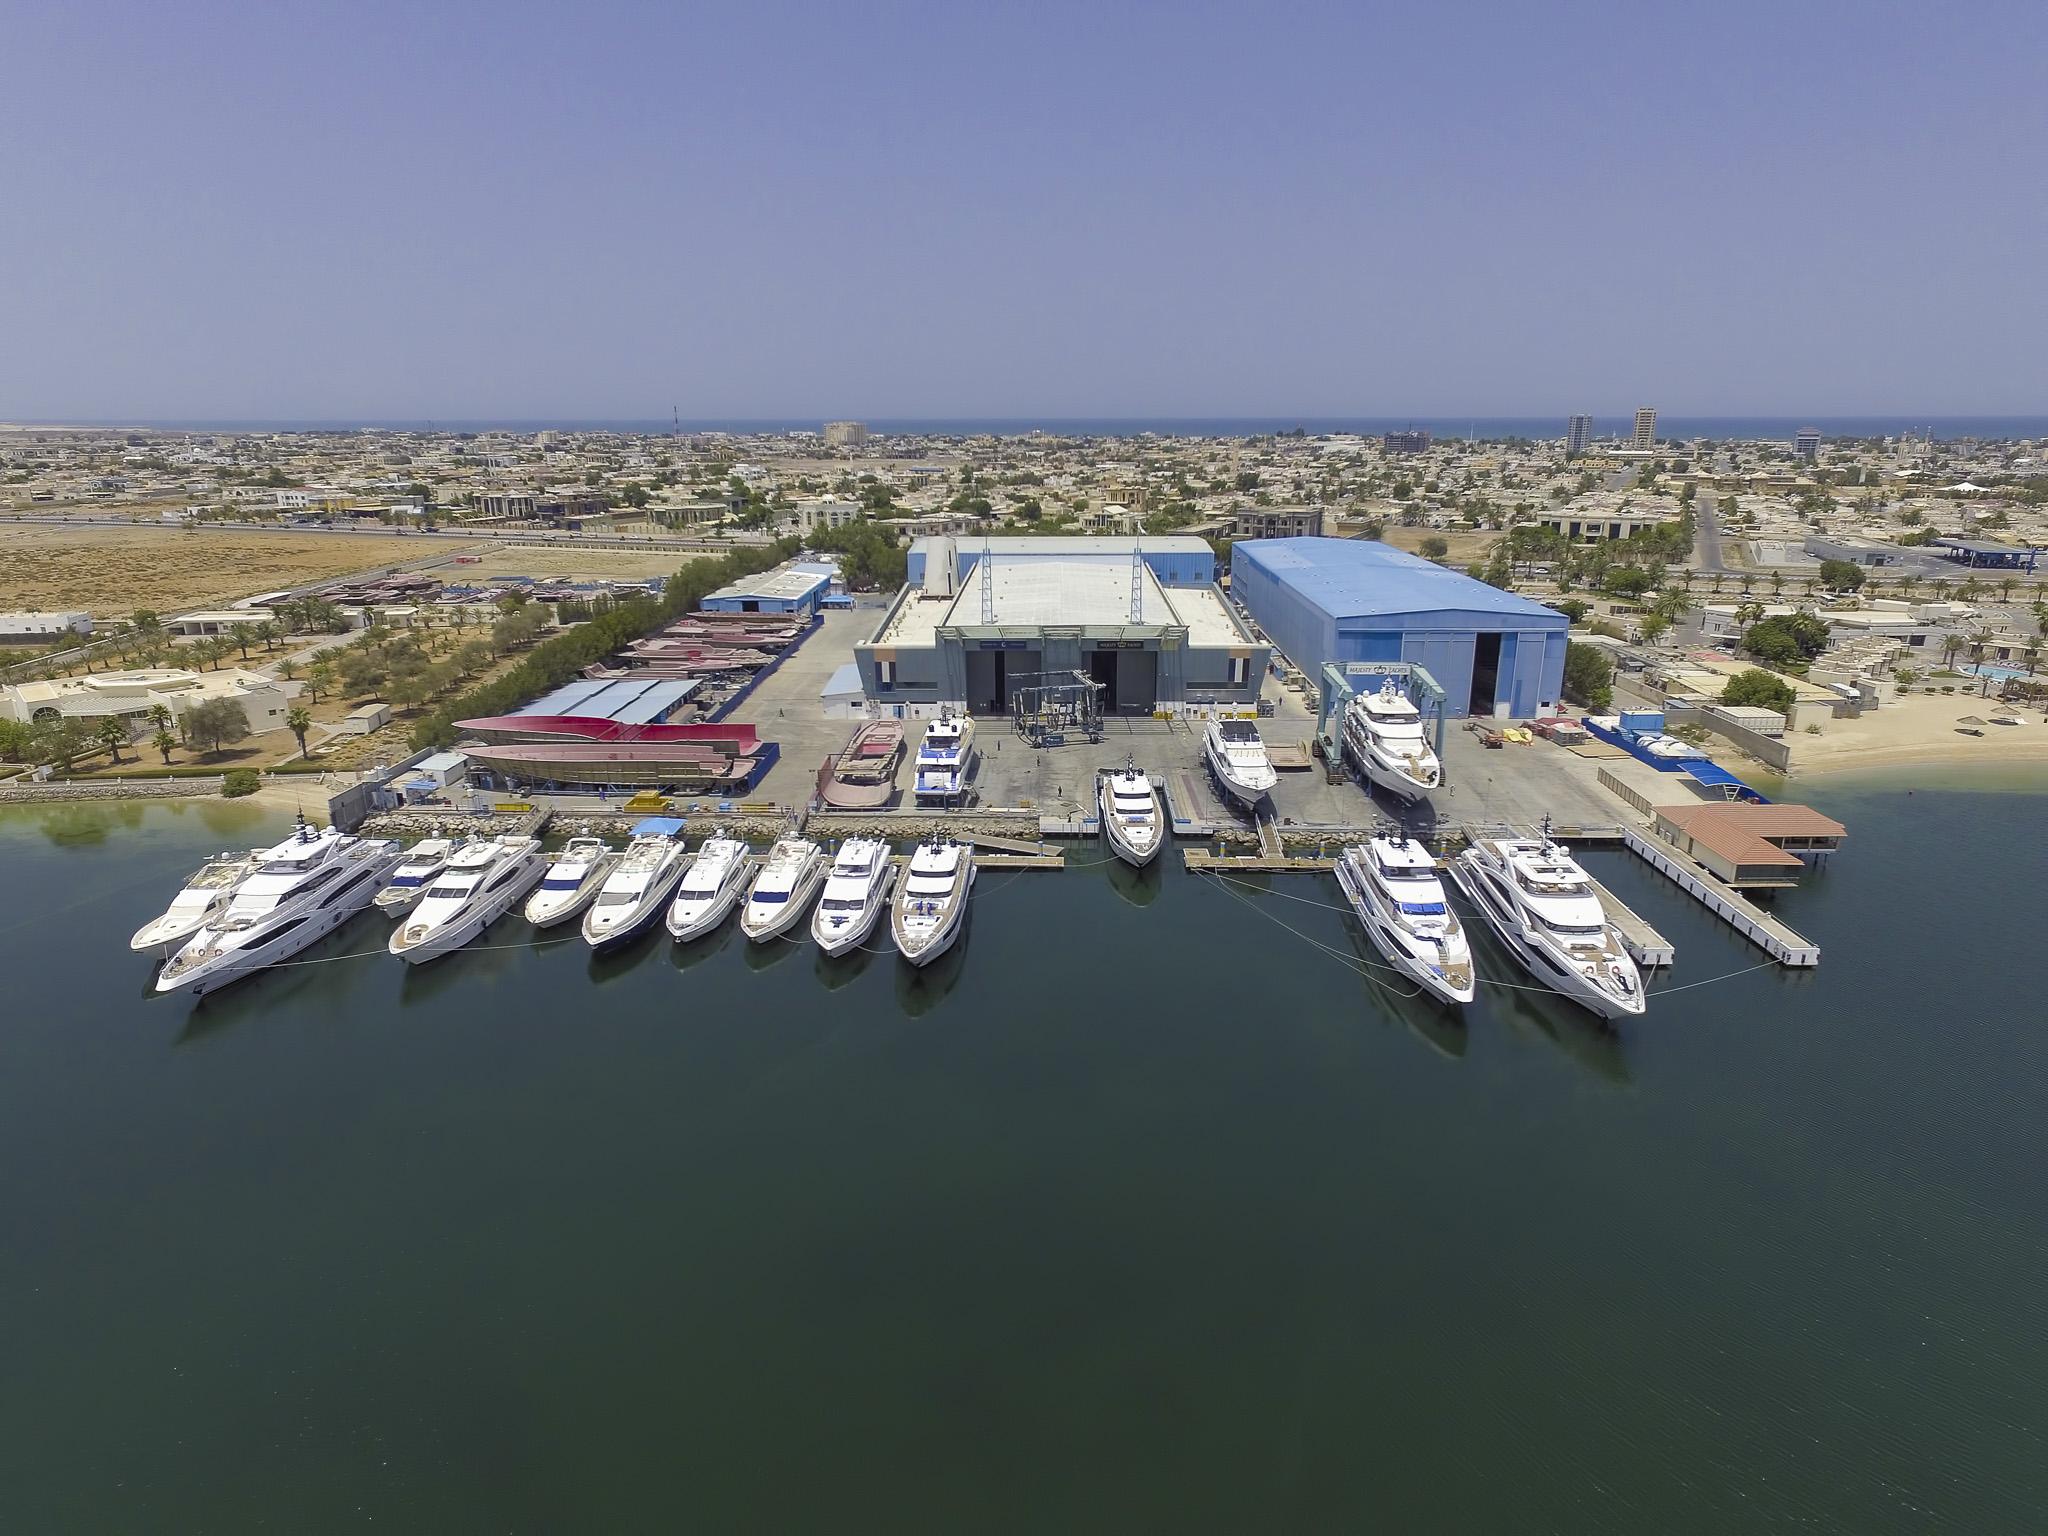 Majesty Yachts and Nomad Yachts shipyard 2018 (2)